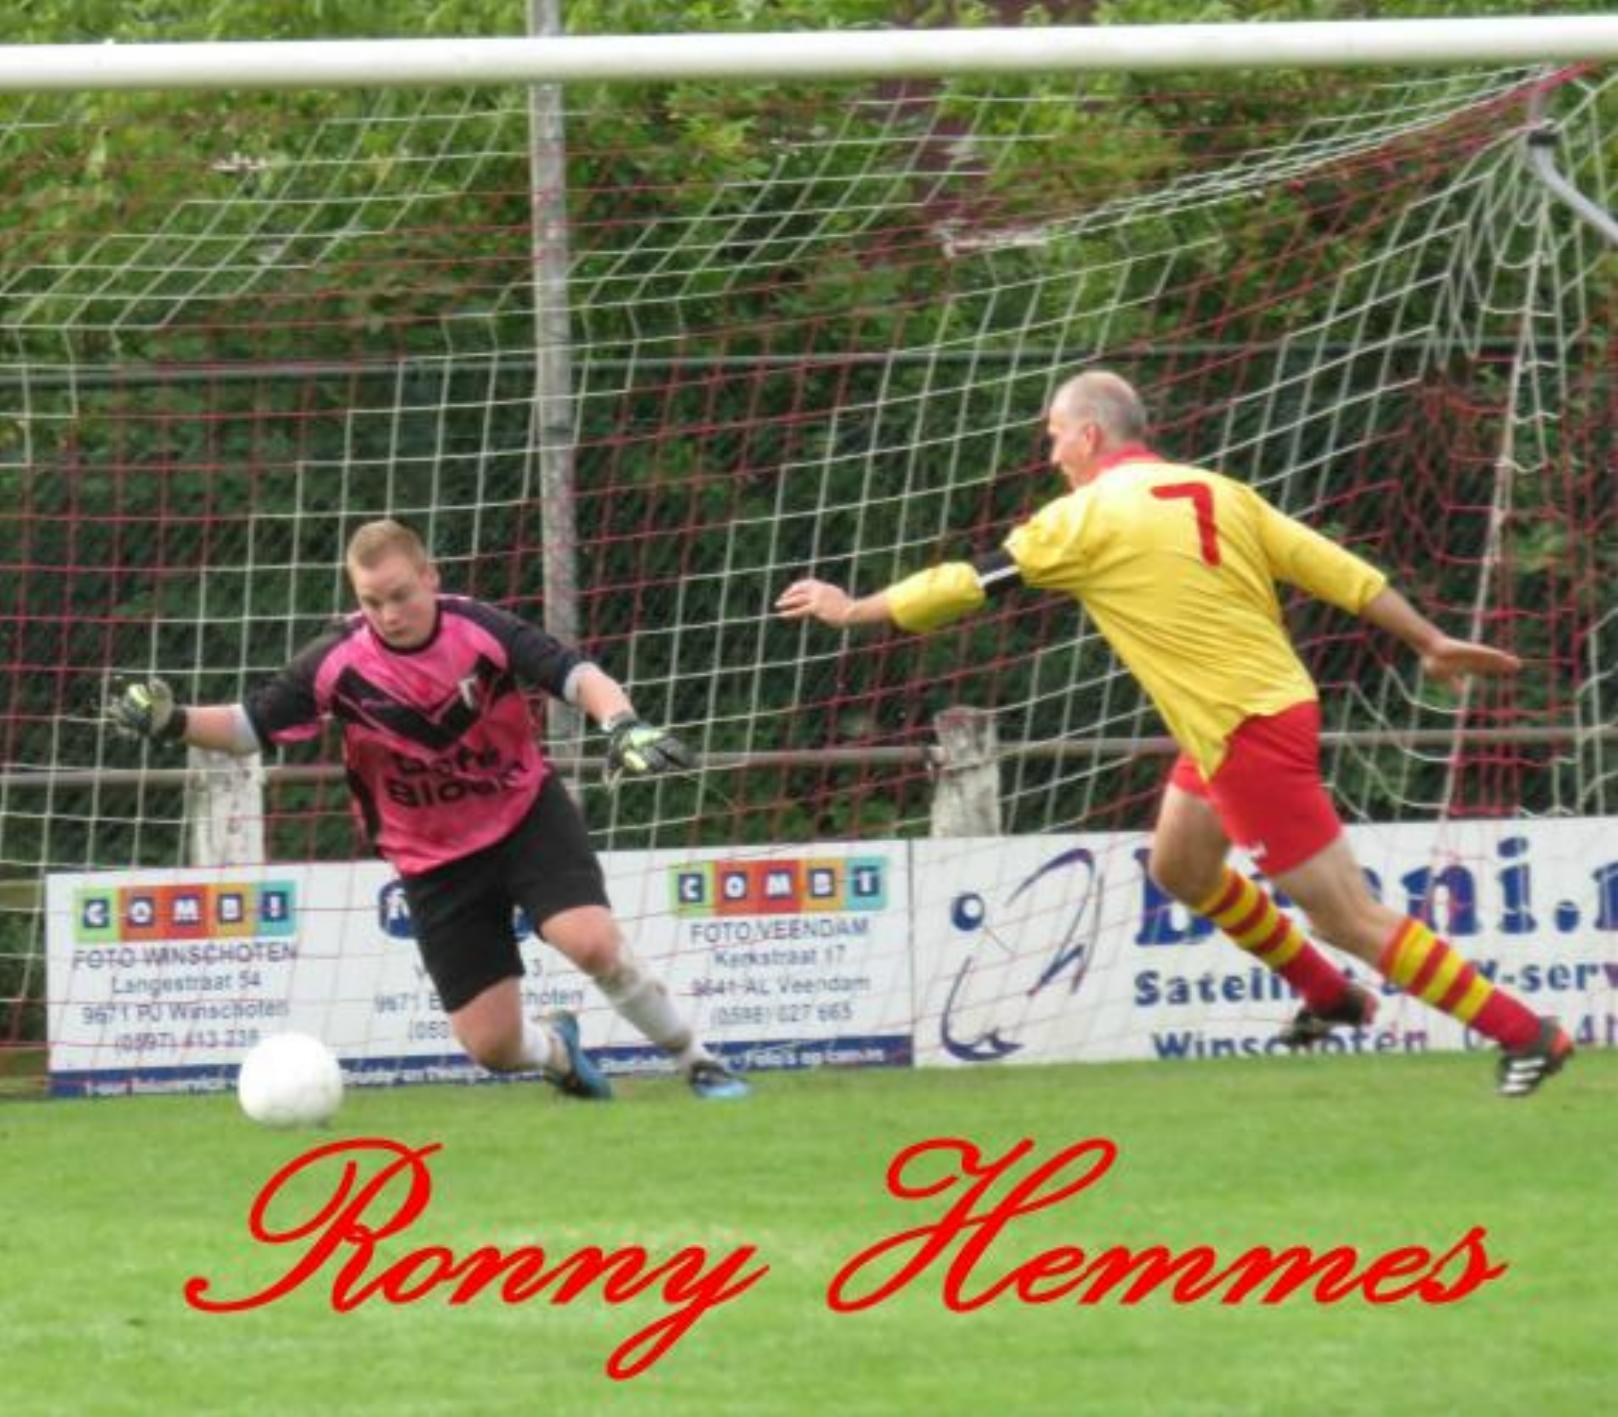 Ronny-Hemmes